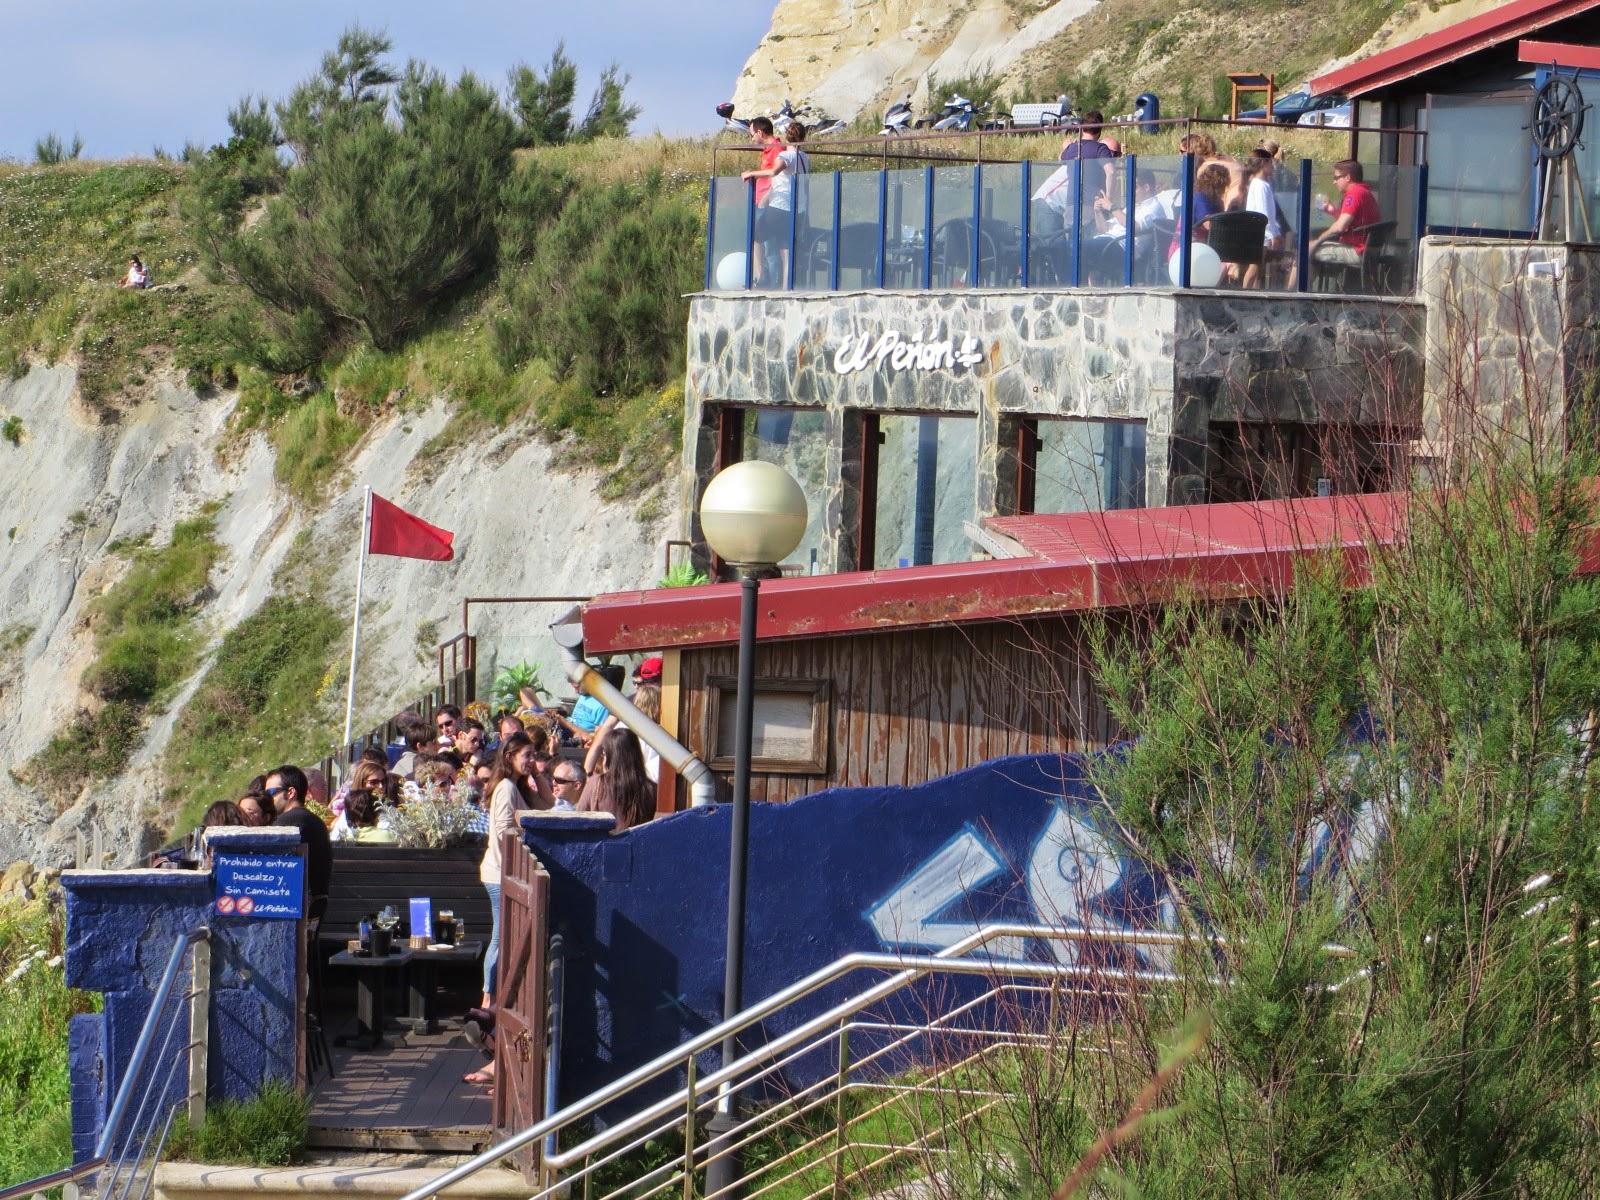 Urbina vinos blog playa de sopelana arrietara y salvaje brinatxe en vizcaya - Cines puerto deportivo getxo ...